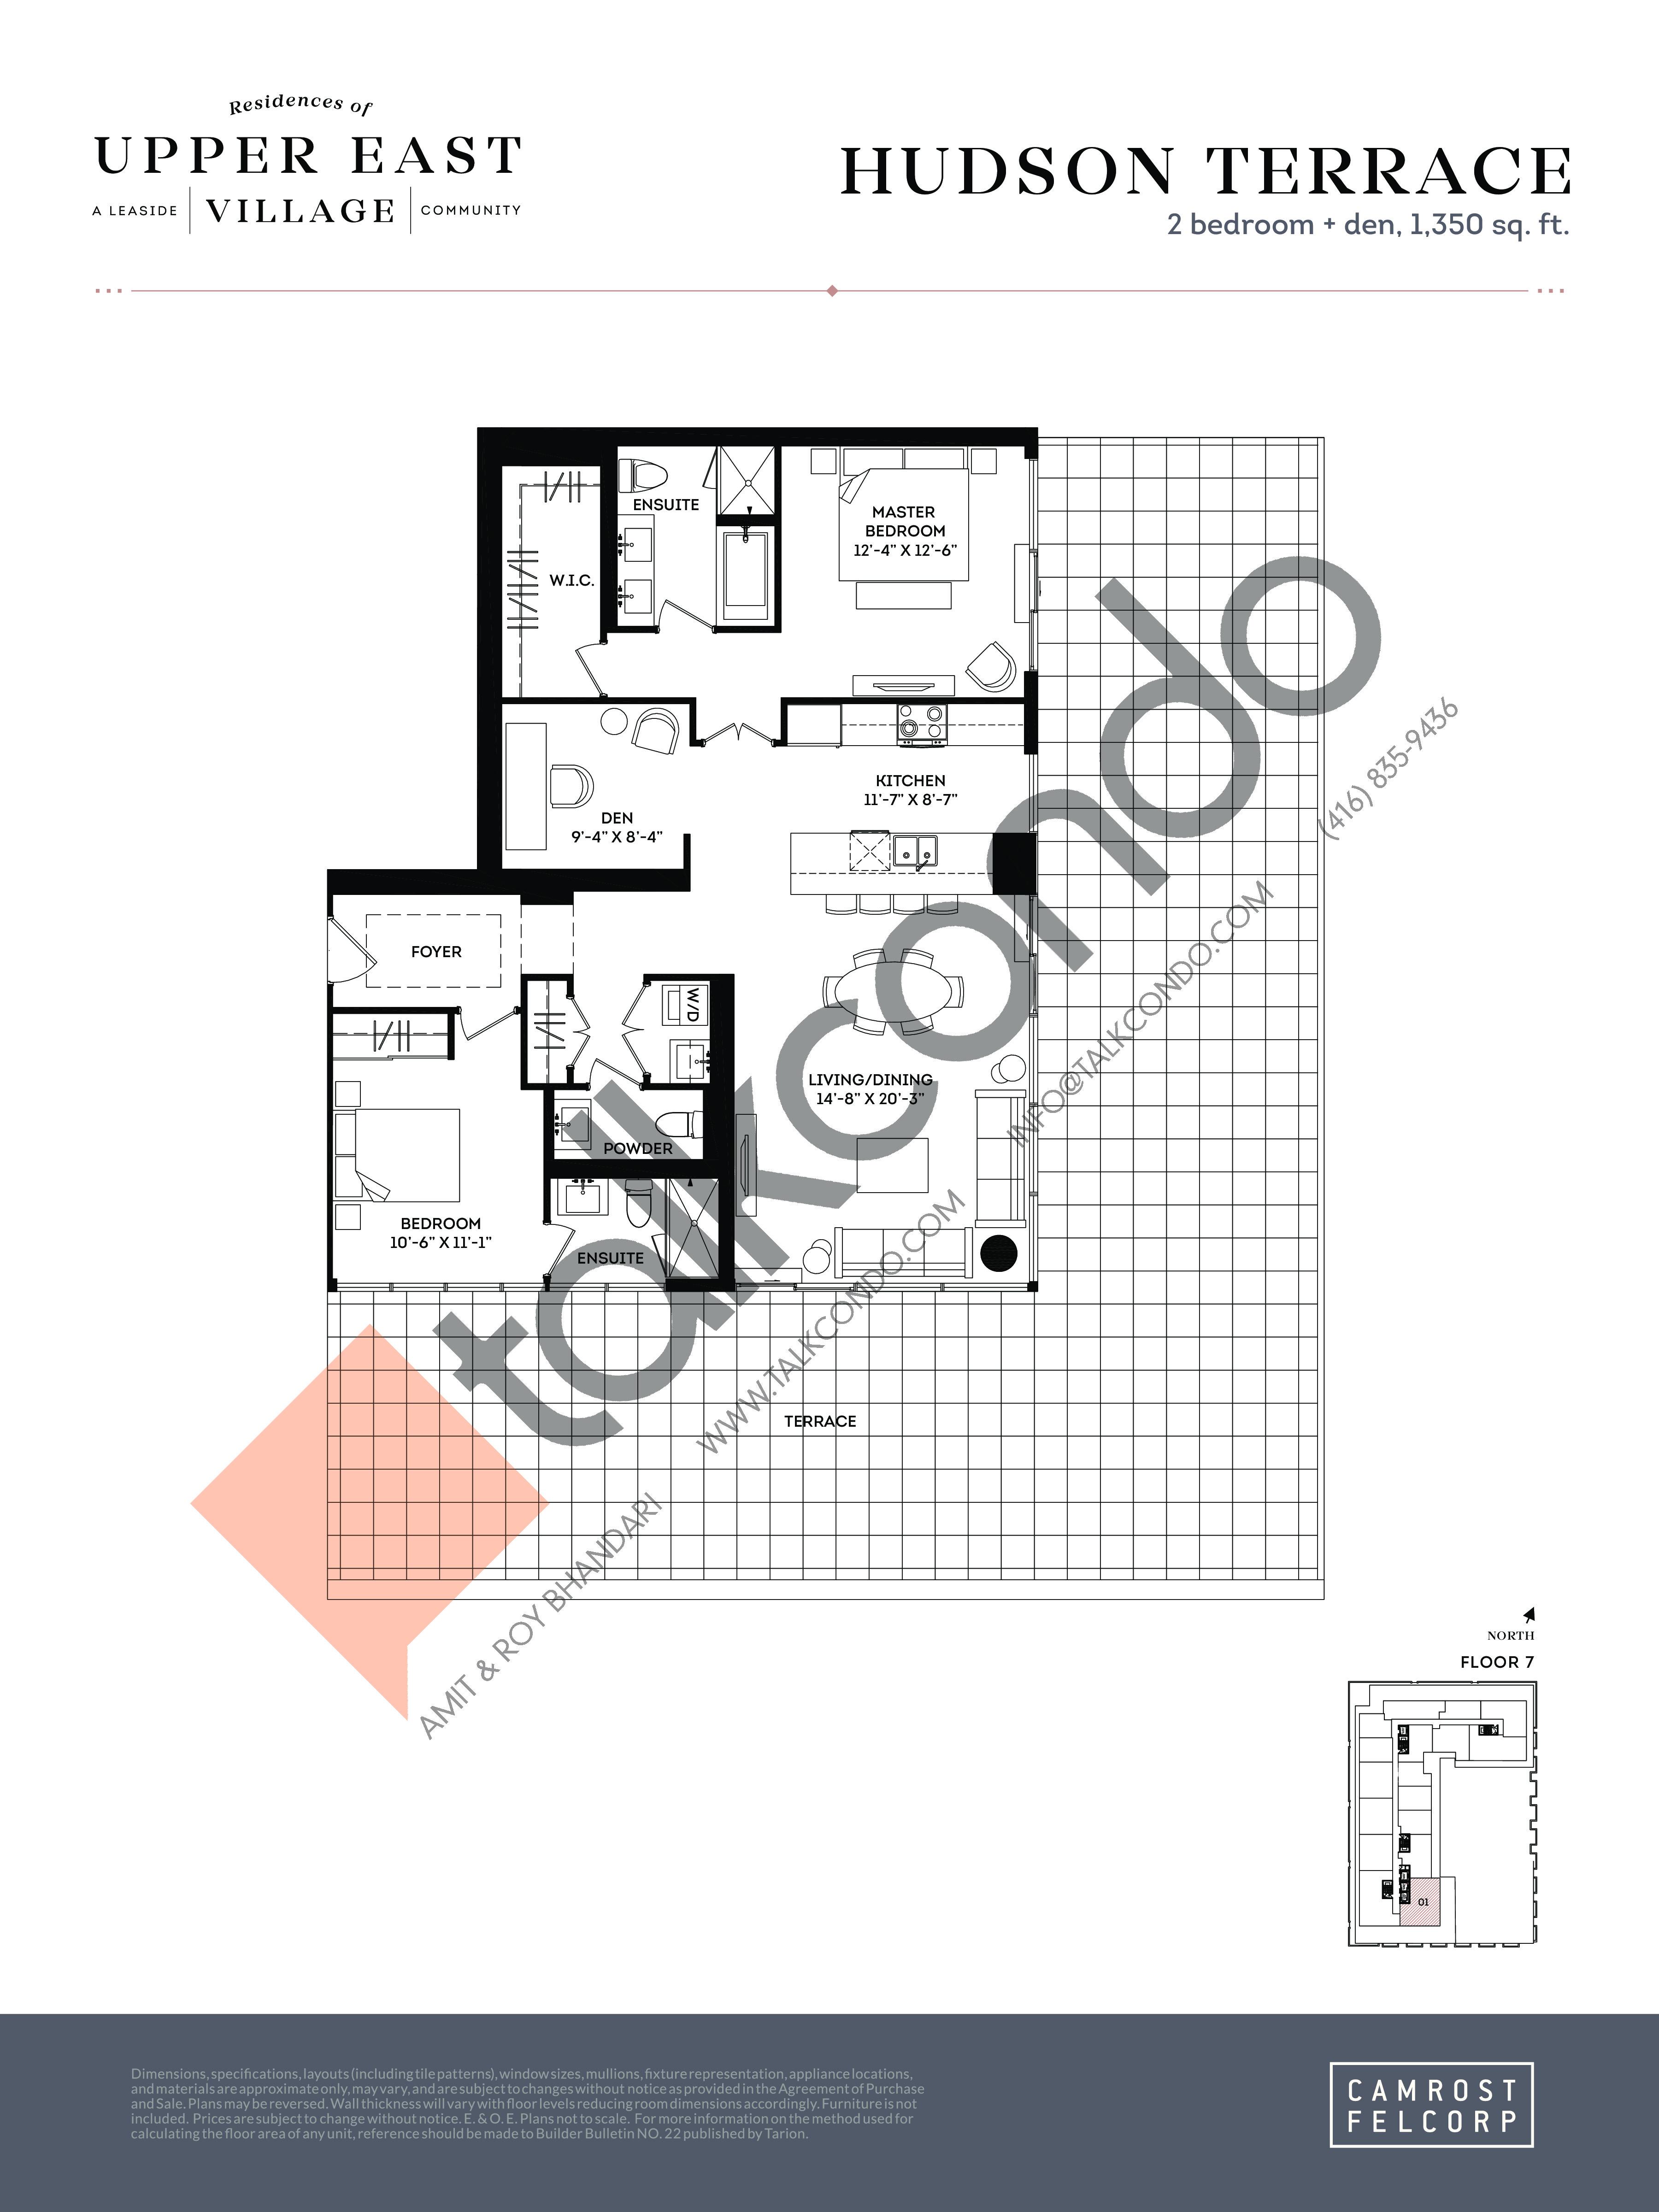 Hudson Terrace Floor Plan at Upper East Village Condos - 1350 sq.ft